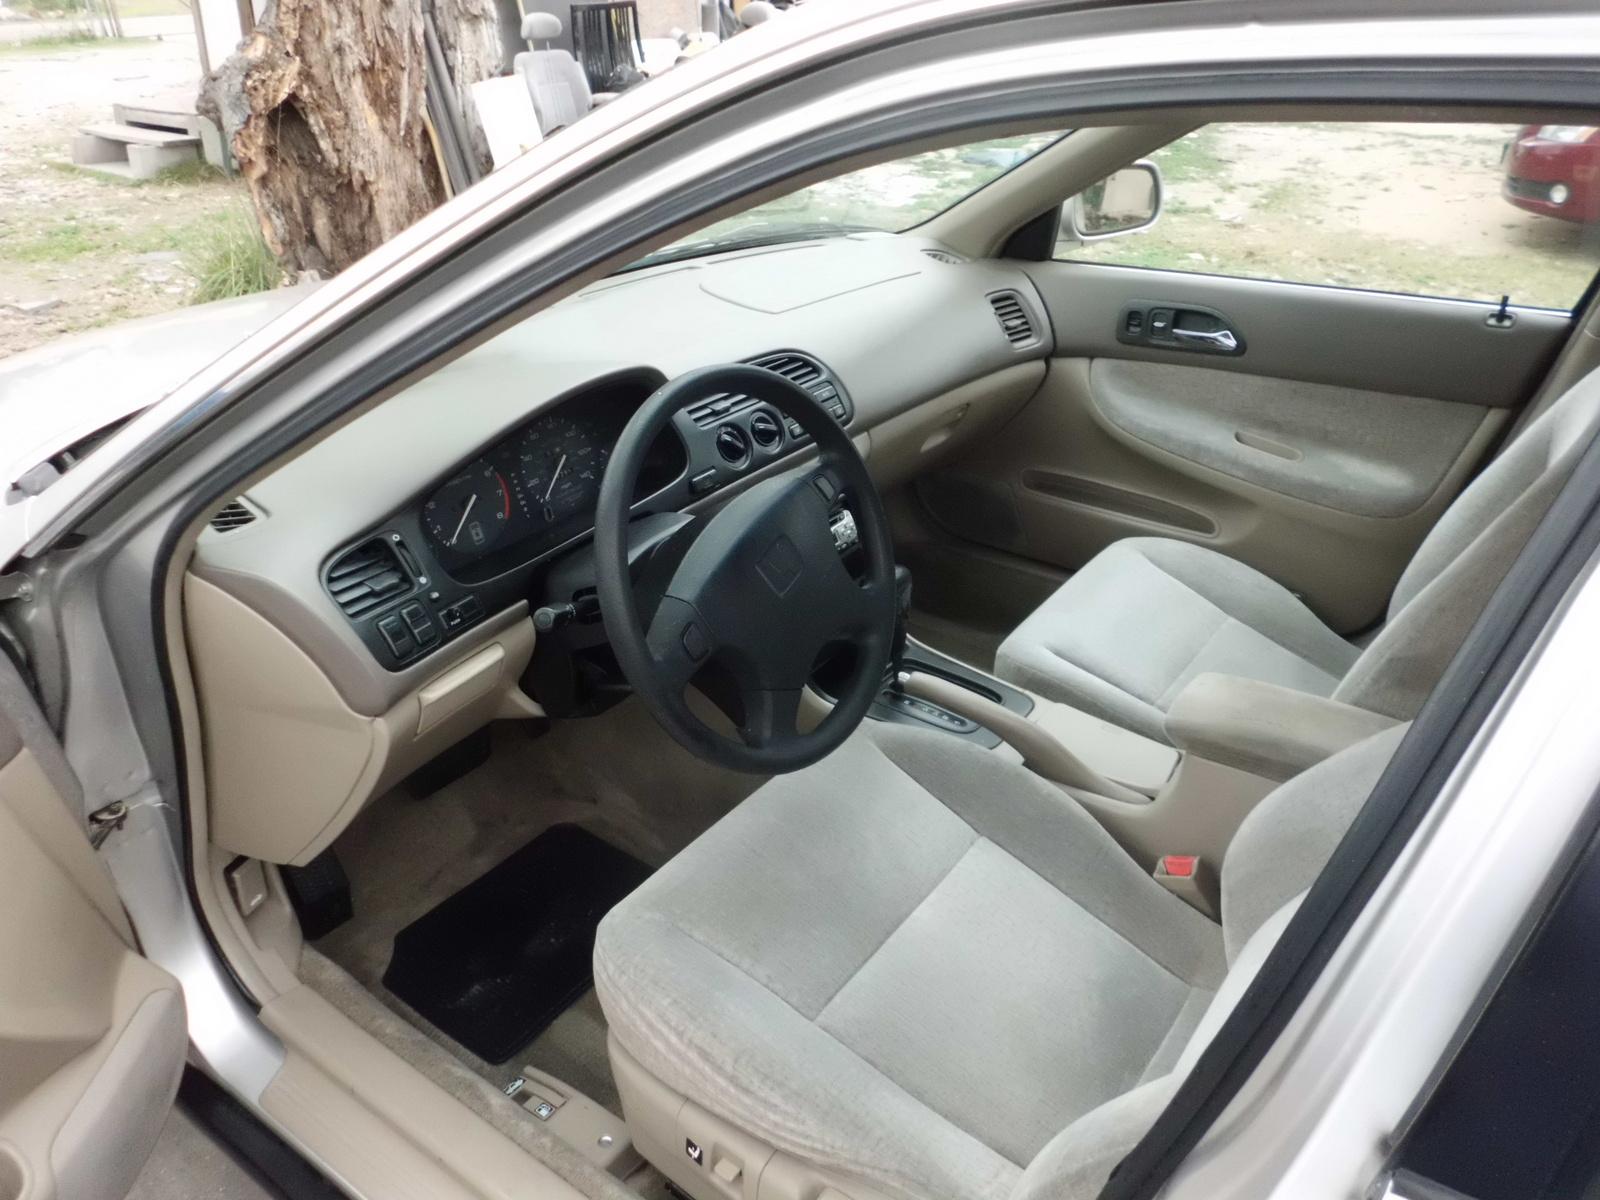 1996 Honda Accord Interior Pictures Cargurus